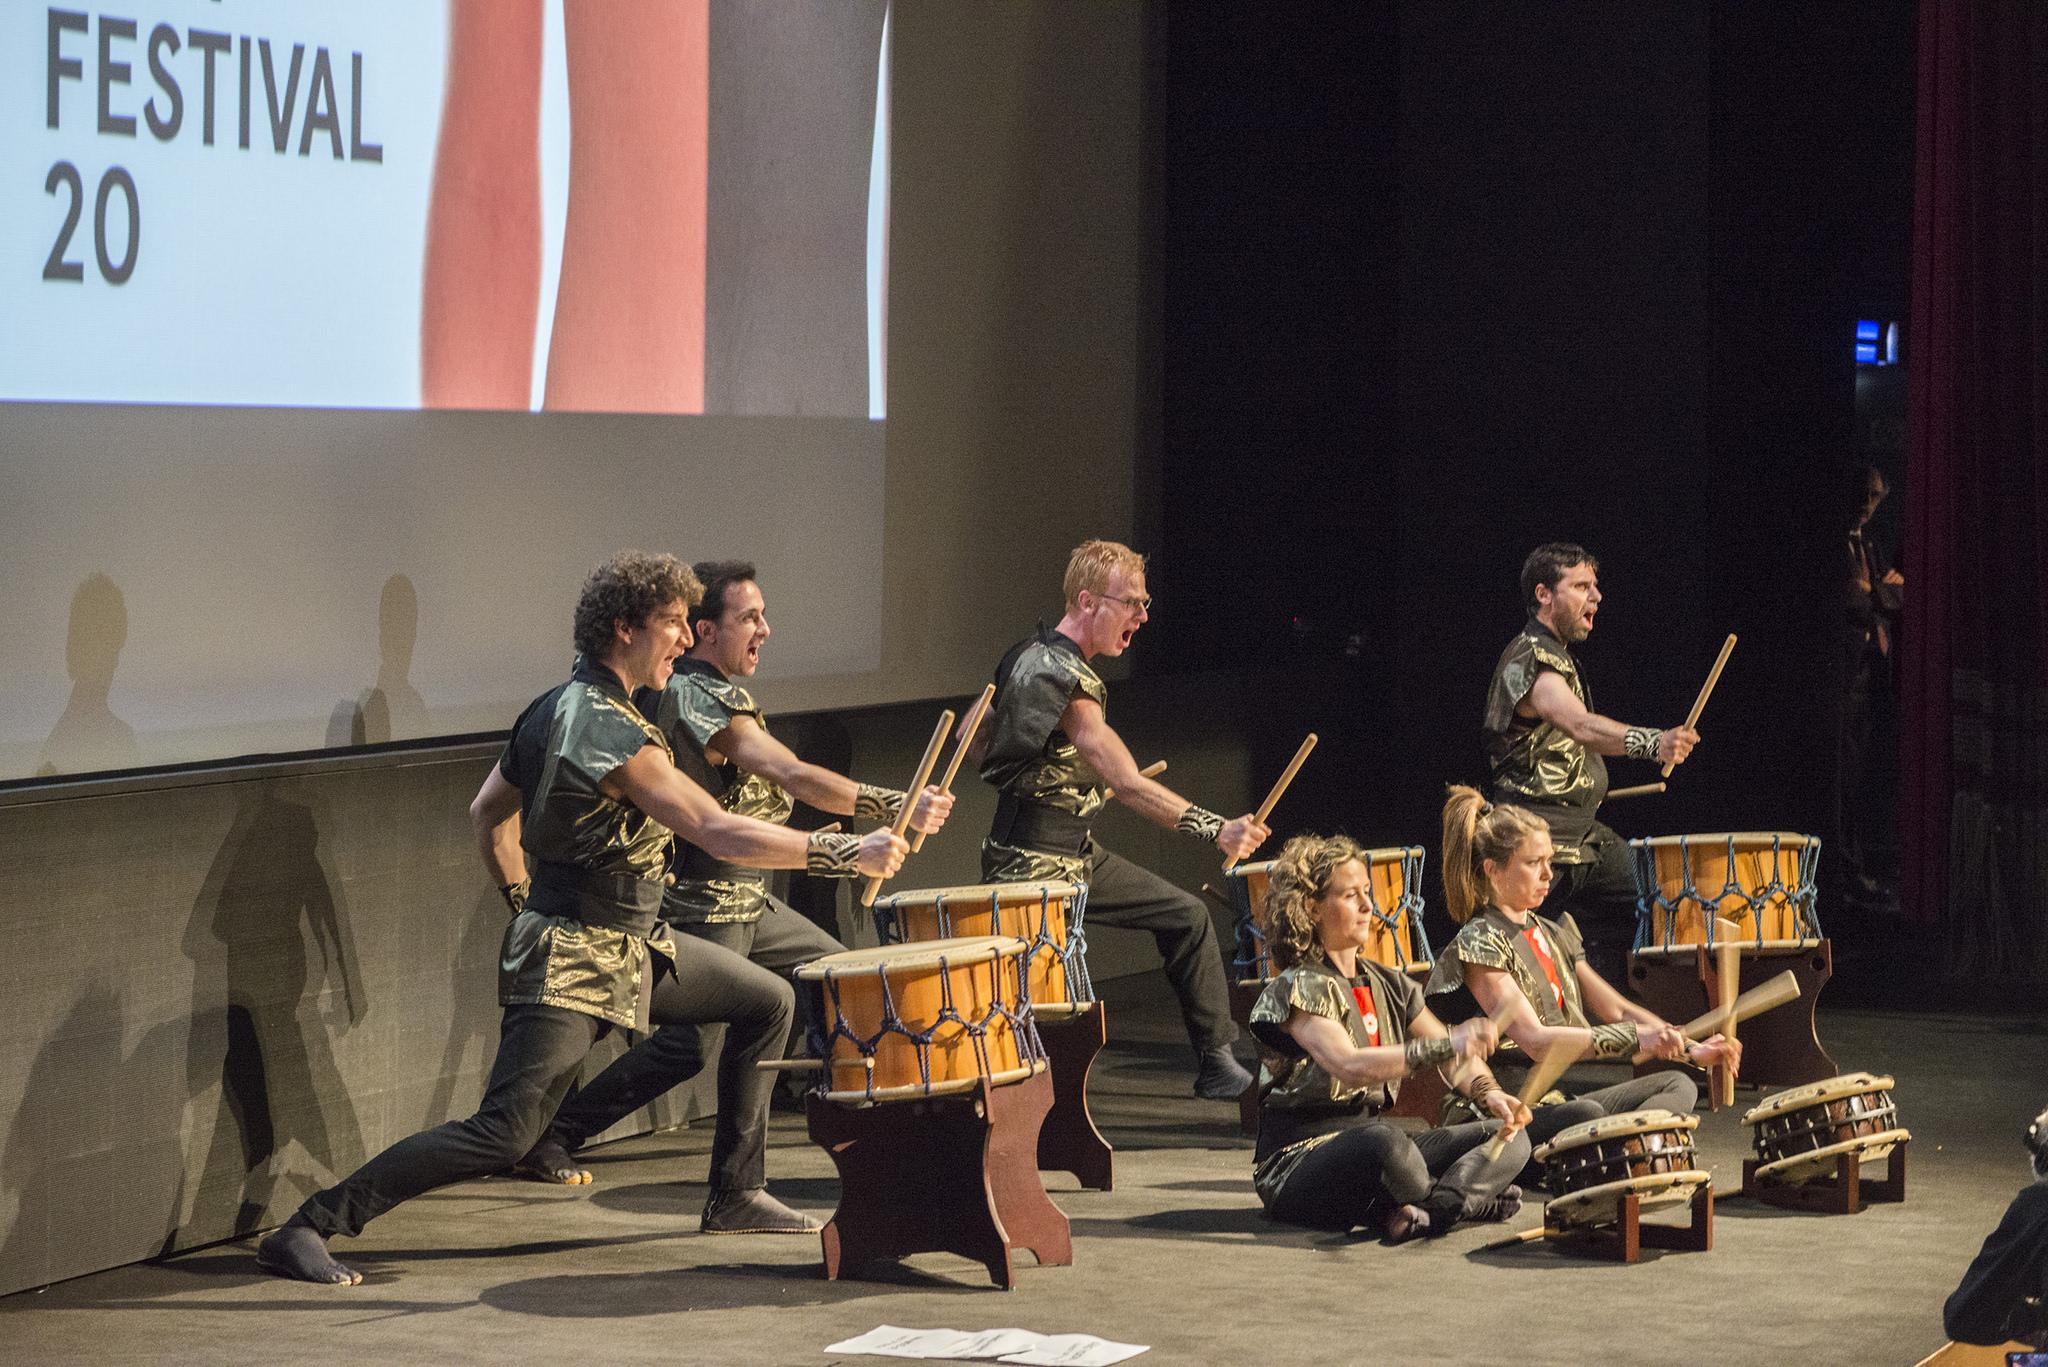 I KyoShinDo e i loro tamburi Taiko. Far East Film Festival 20, Udine. Foto di Alice BL Durigatto